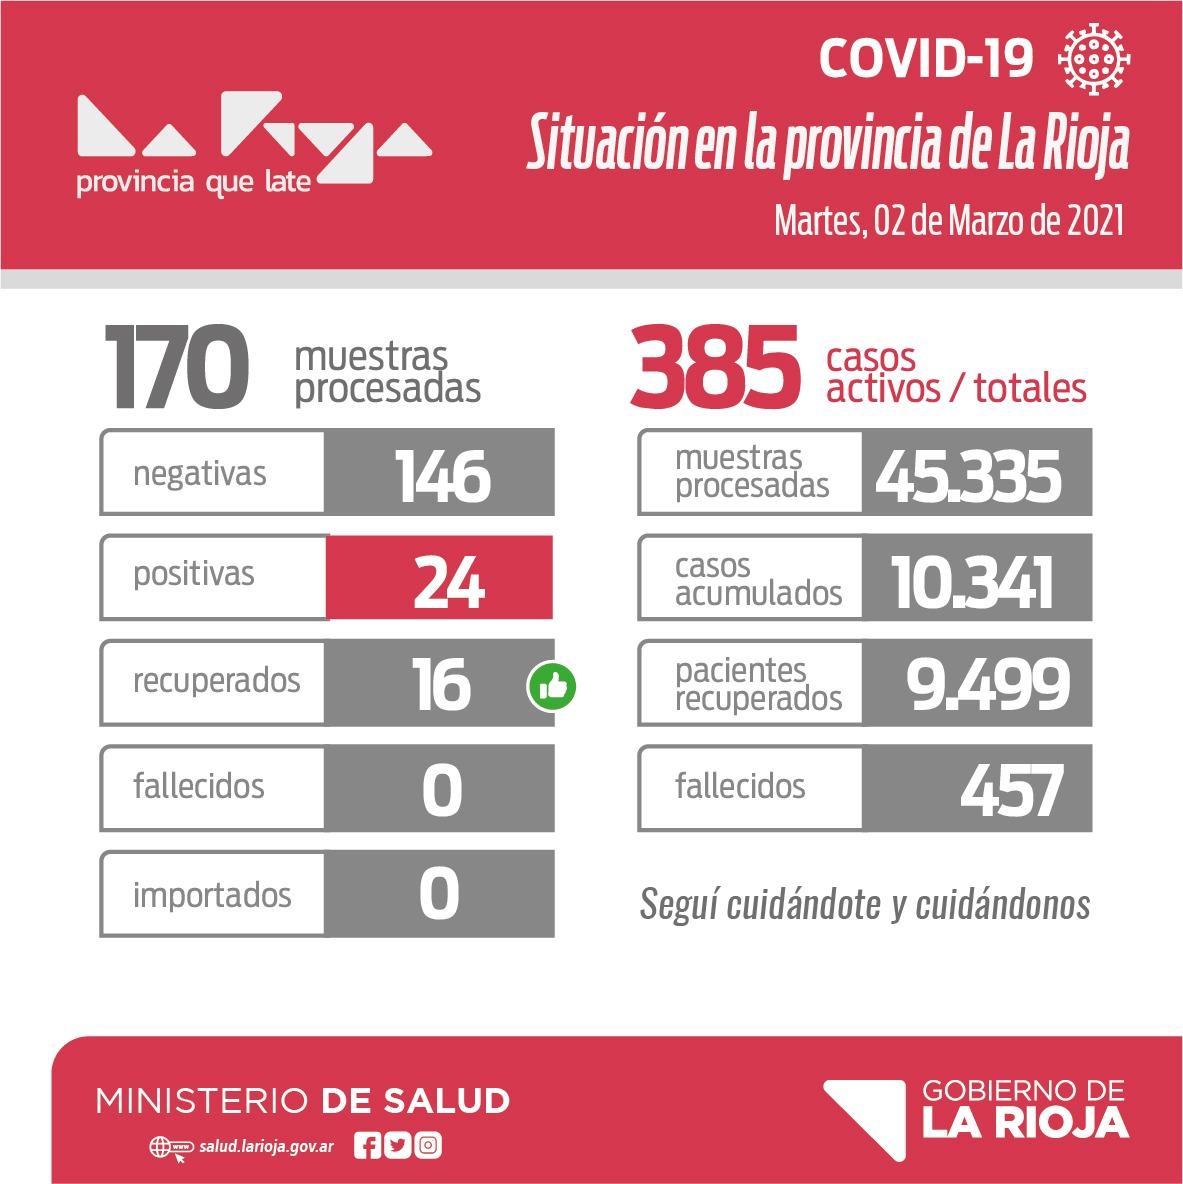 🔴#CORONAVIRUS. INFORME EPIDEMIOLÓGICO: 24 positivas para COVID-19. De las cuales 16 corresponden a Capital, 3 a Chamical, 3 a Chilecito, 1 a Rosario Vera Peñaloza y 1 a Arauco.